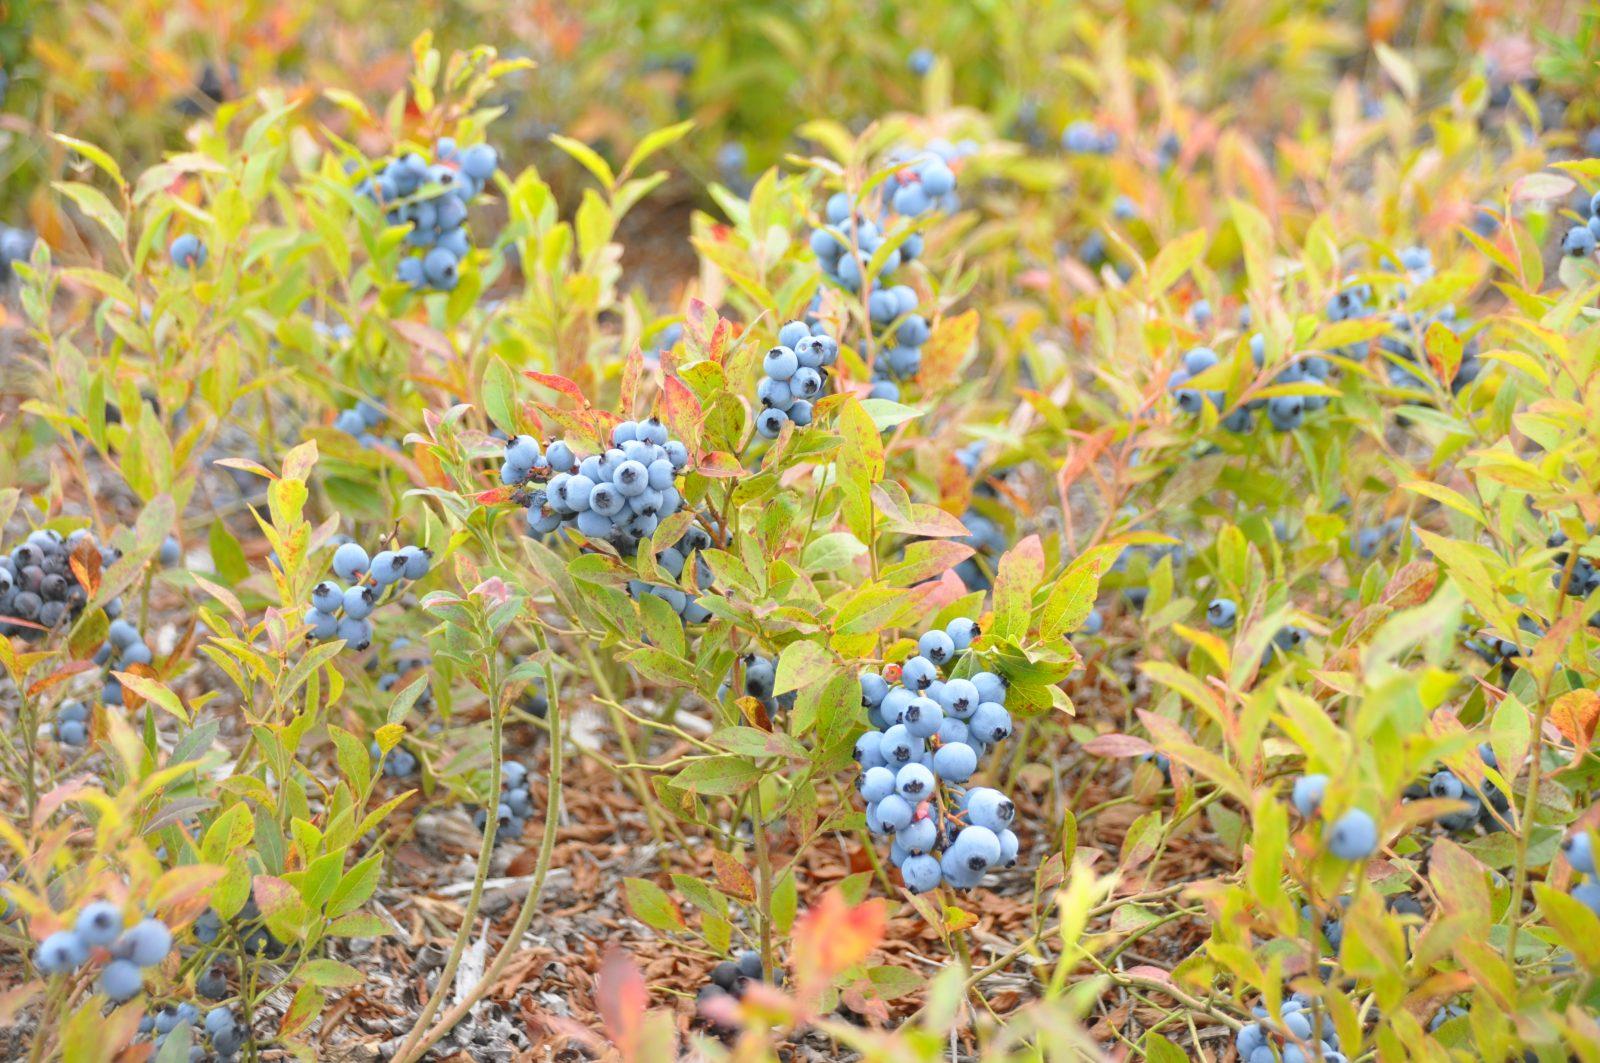 Récolte de bleuets: La pire année depuis longtemps